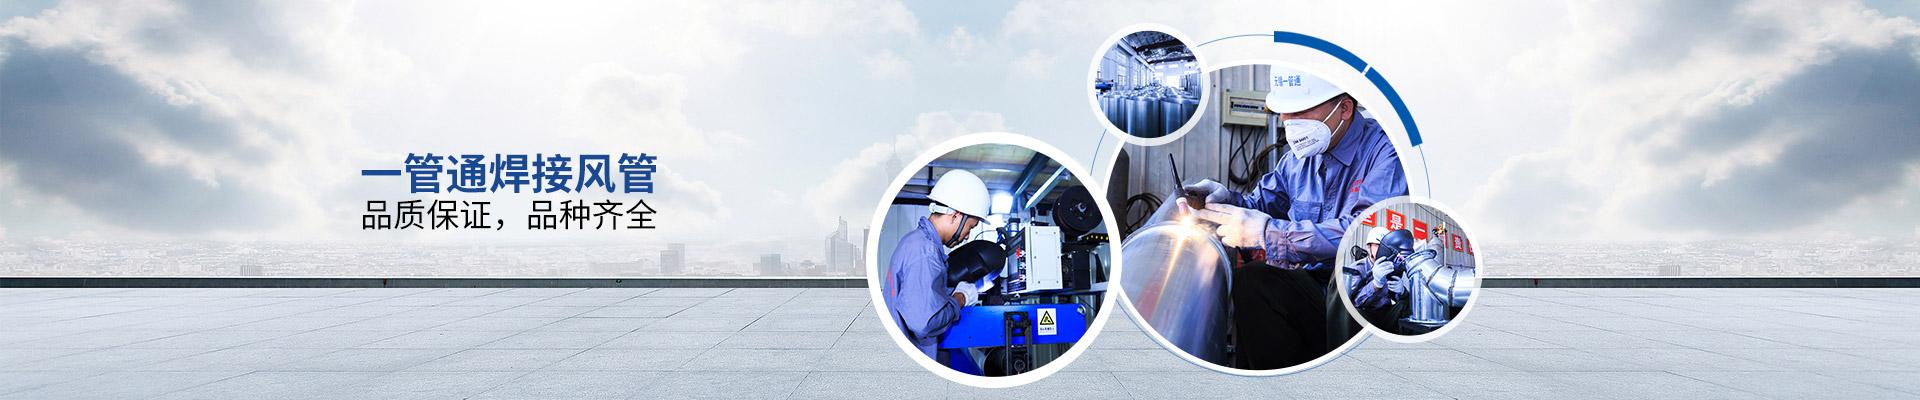 一管通焊接风管:品质保证,品种齐全